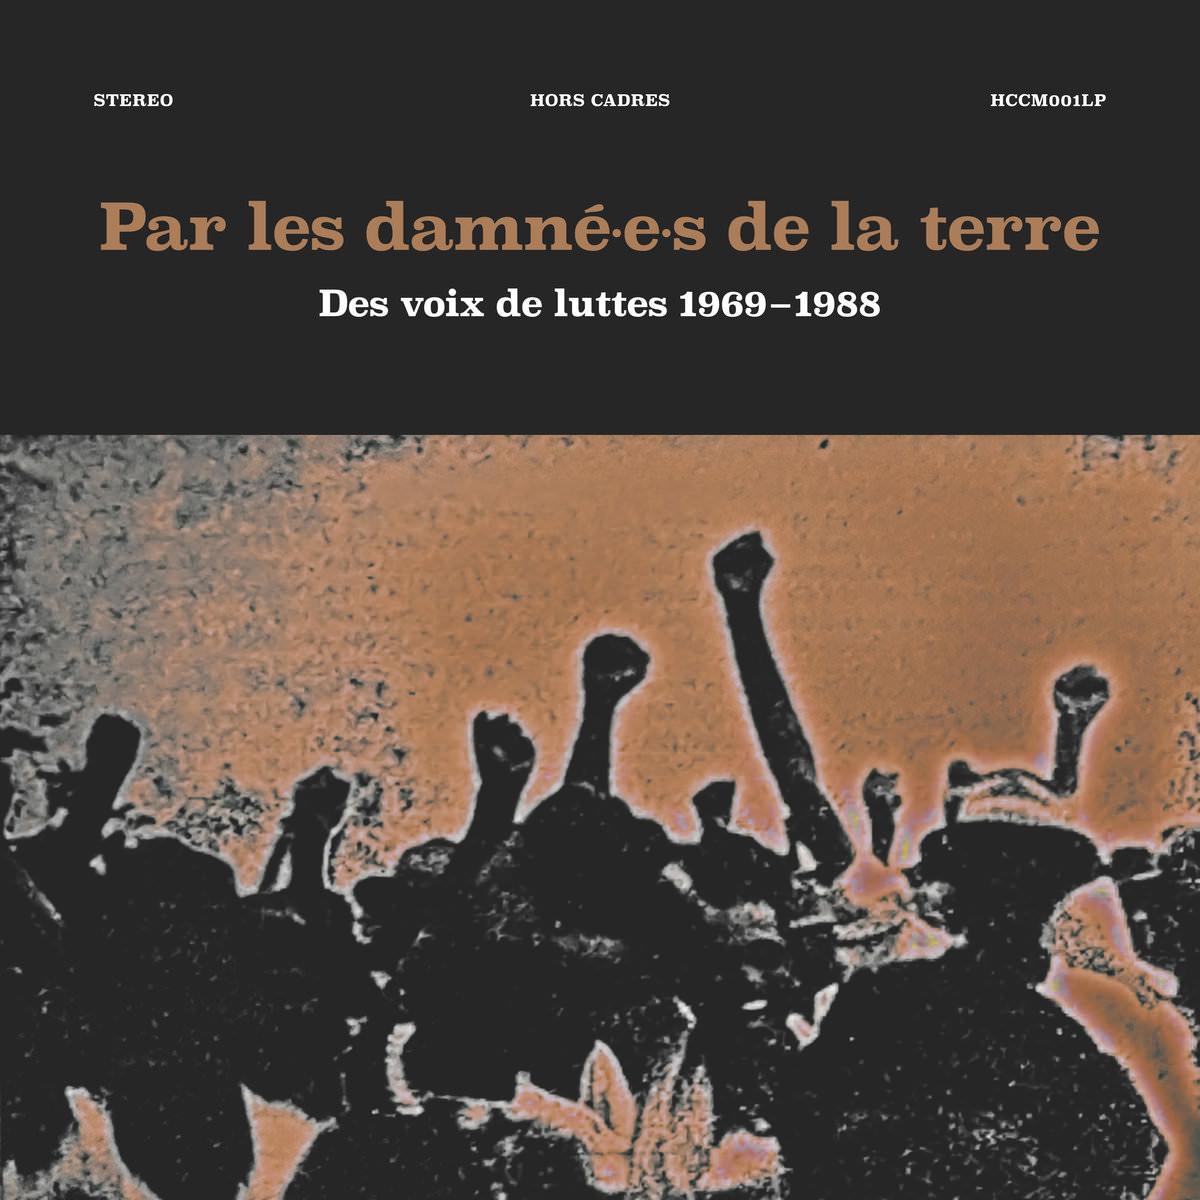 PAR LES DAMNé.E.S DE LA TERRE 1969 - 1988 (2LP + BOOK)